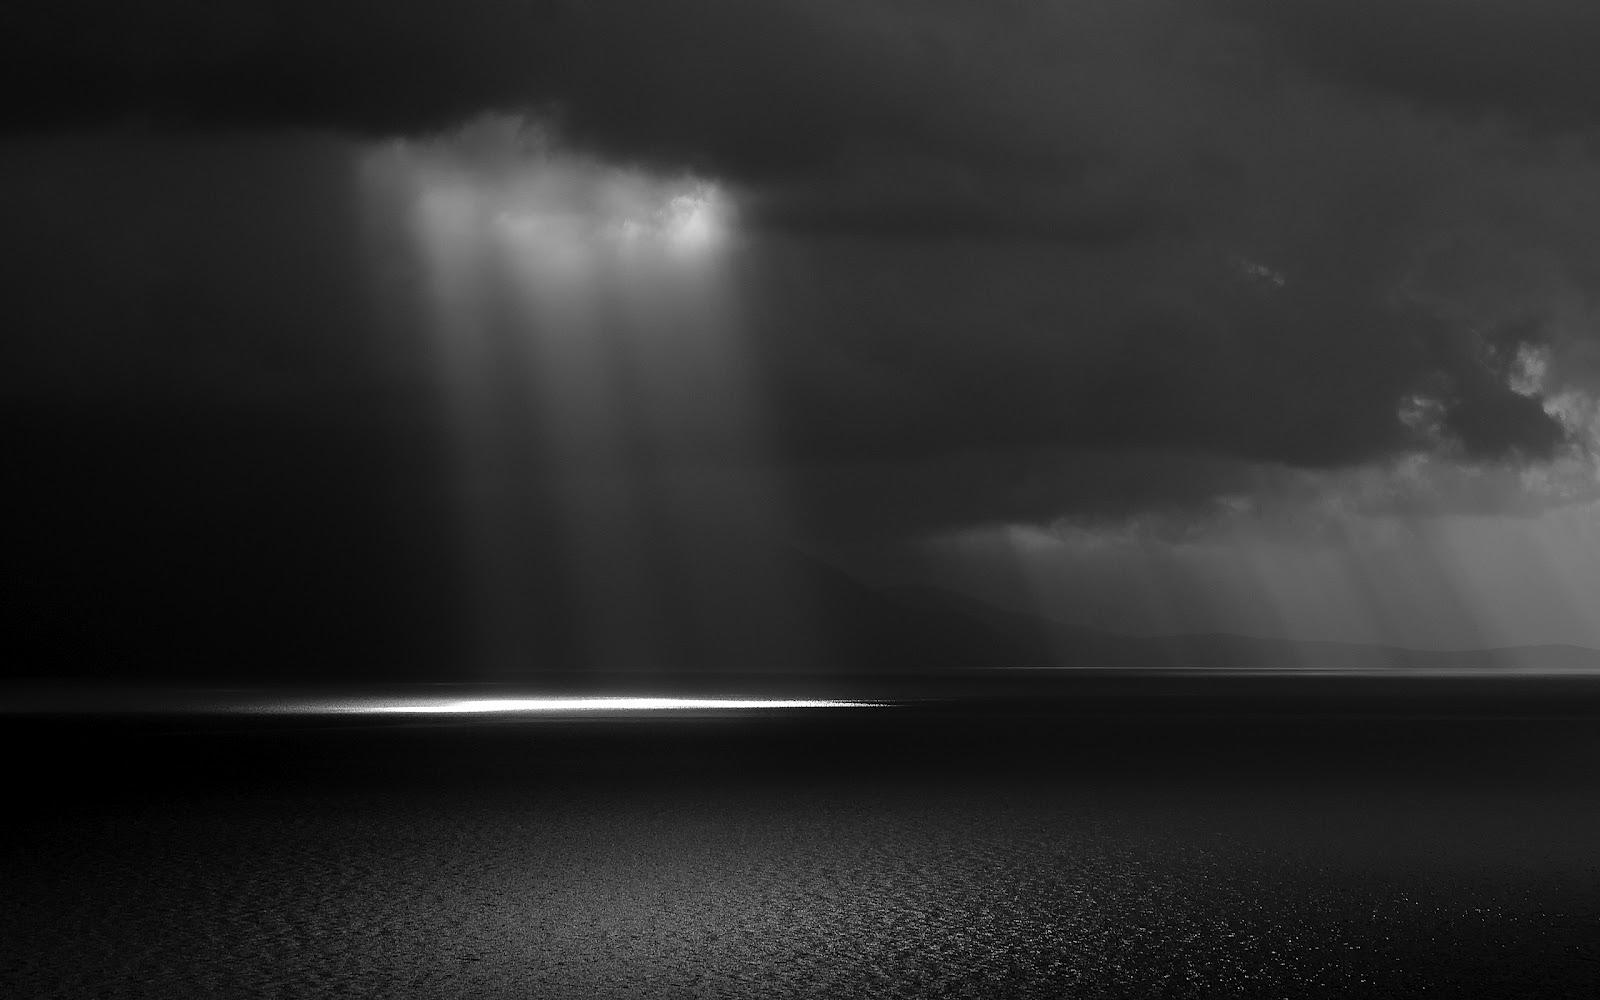 Wallpaper a day: shimmer of light on dark ocean wallpaper